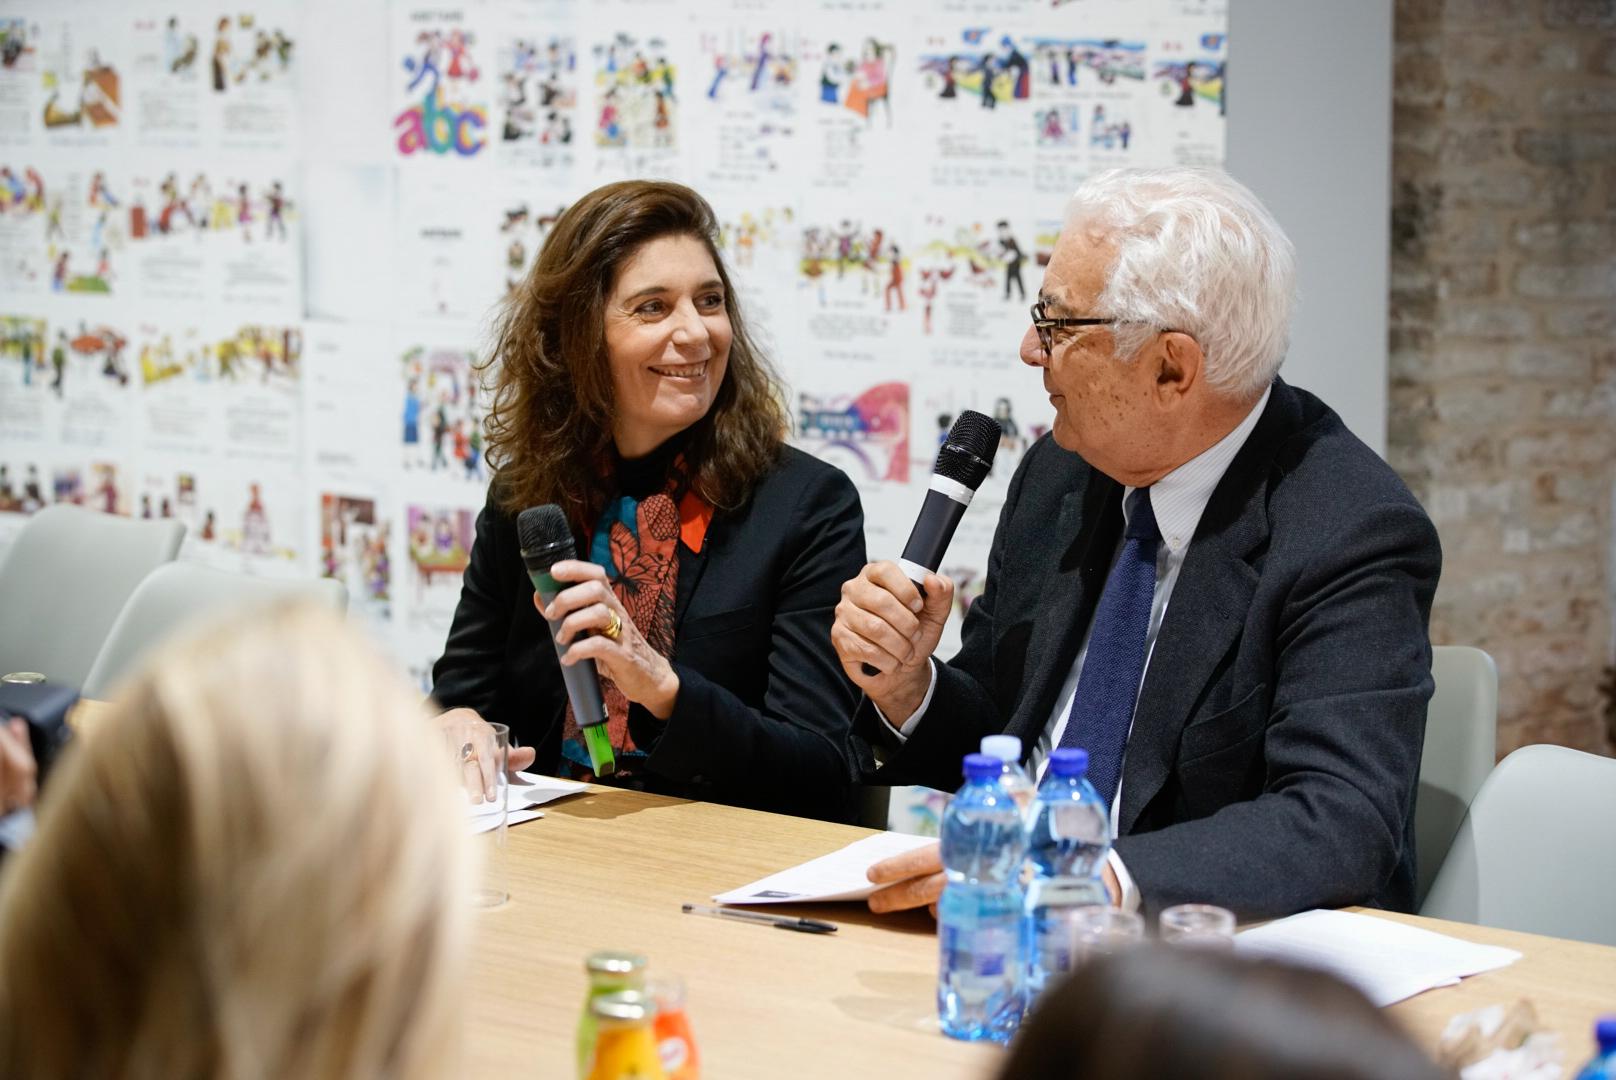 Christine Macel e Paolo Baratta. Photo by Andrea Avezzu' - Courtesy of La Biennale di Venezia